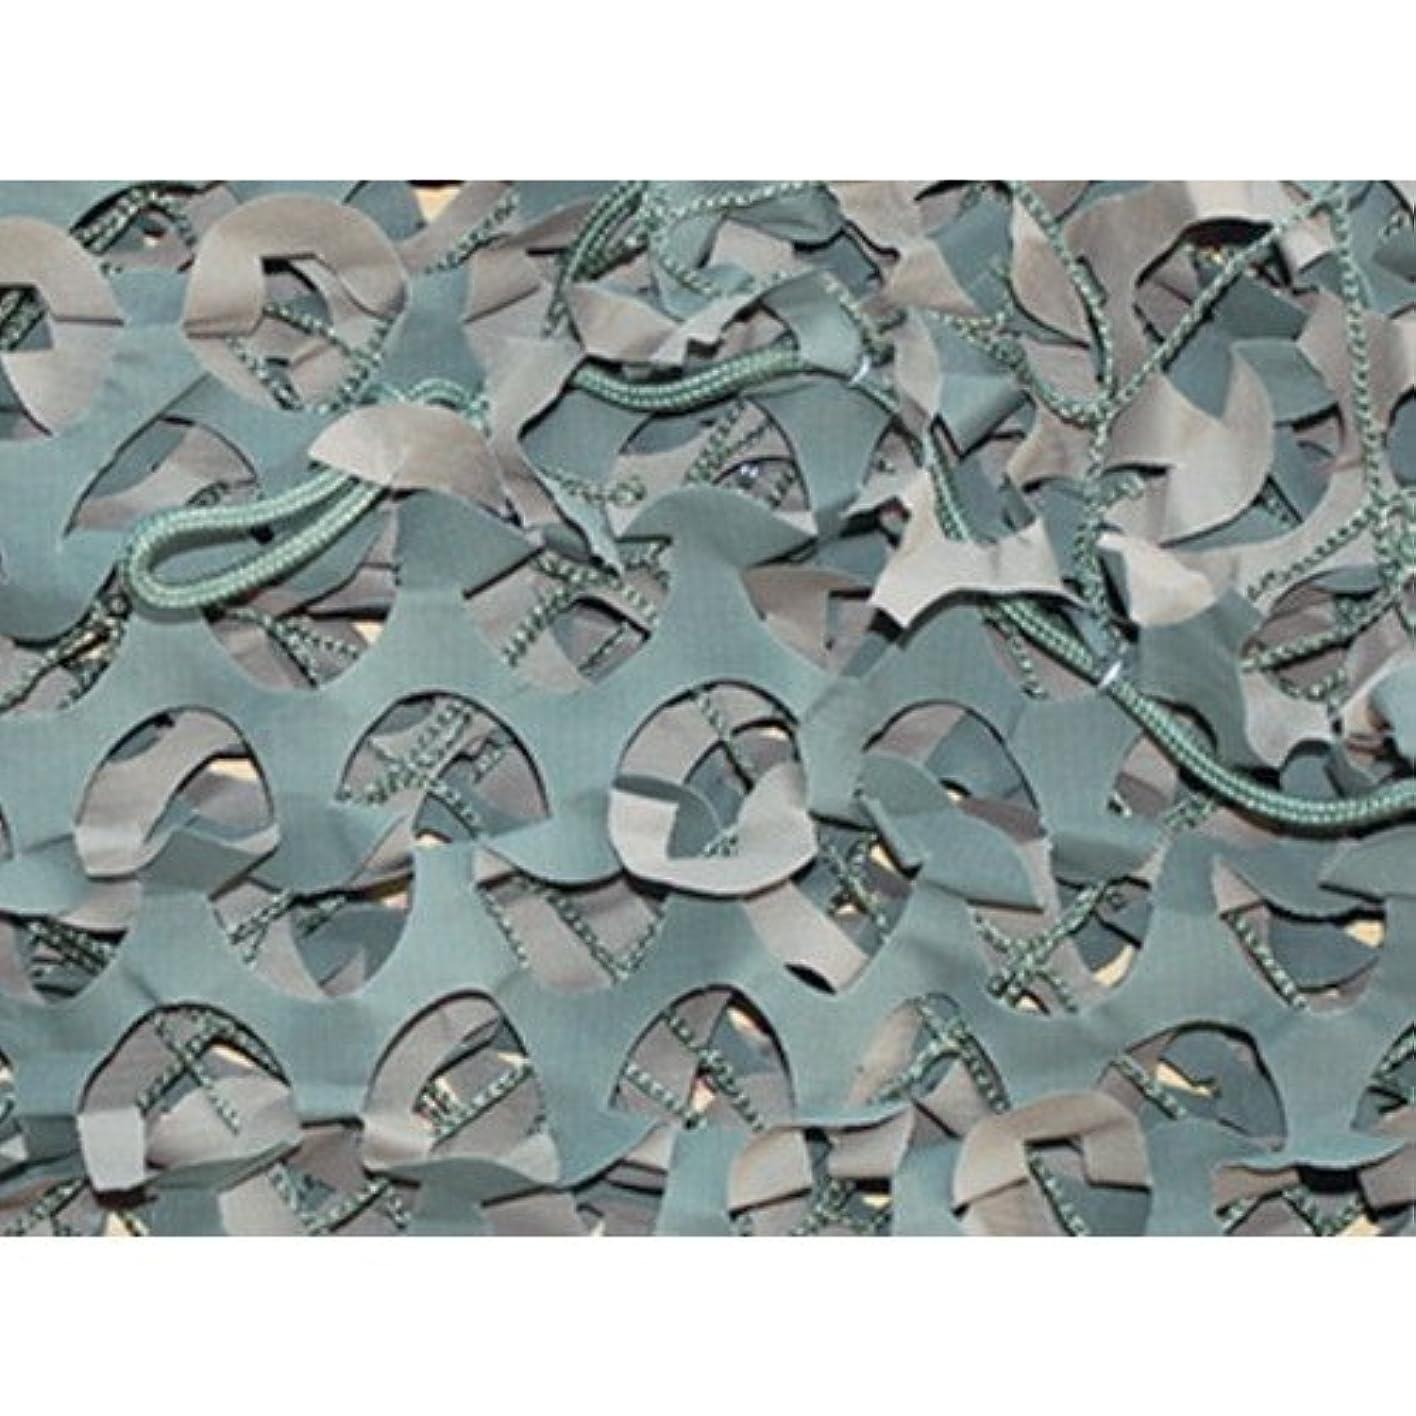 織る数学者考古学的なトラスコ中山 CAMO プレミアム レギュラーXミリタリー グリーン&ブラウン 1.8mX3m SP07GB